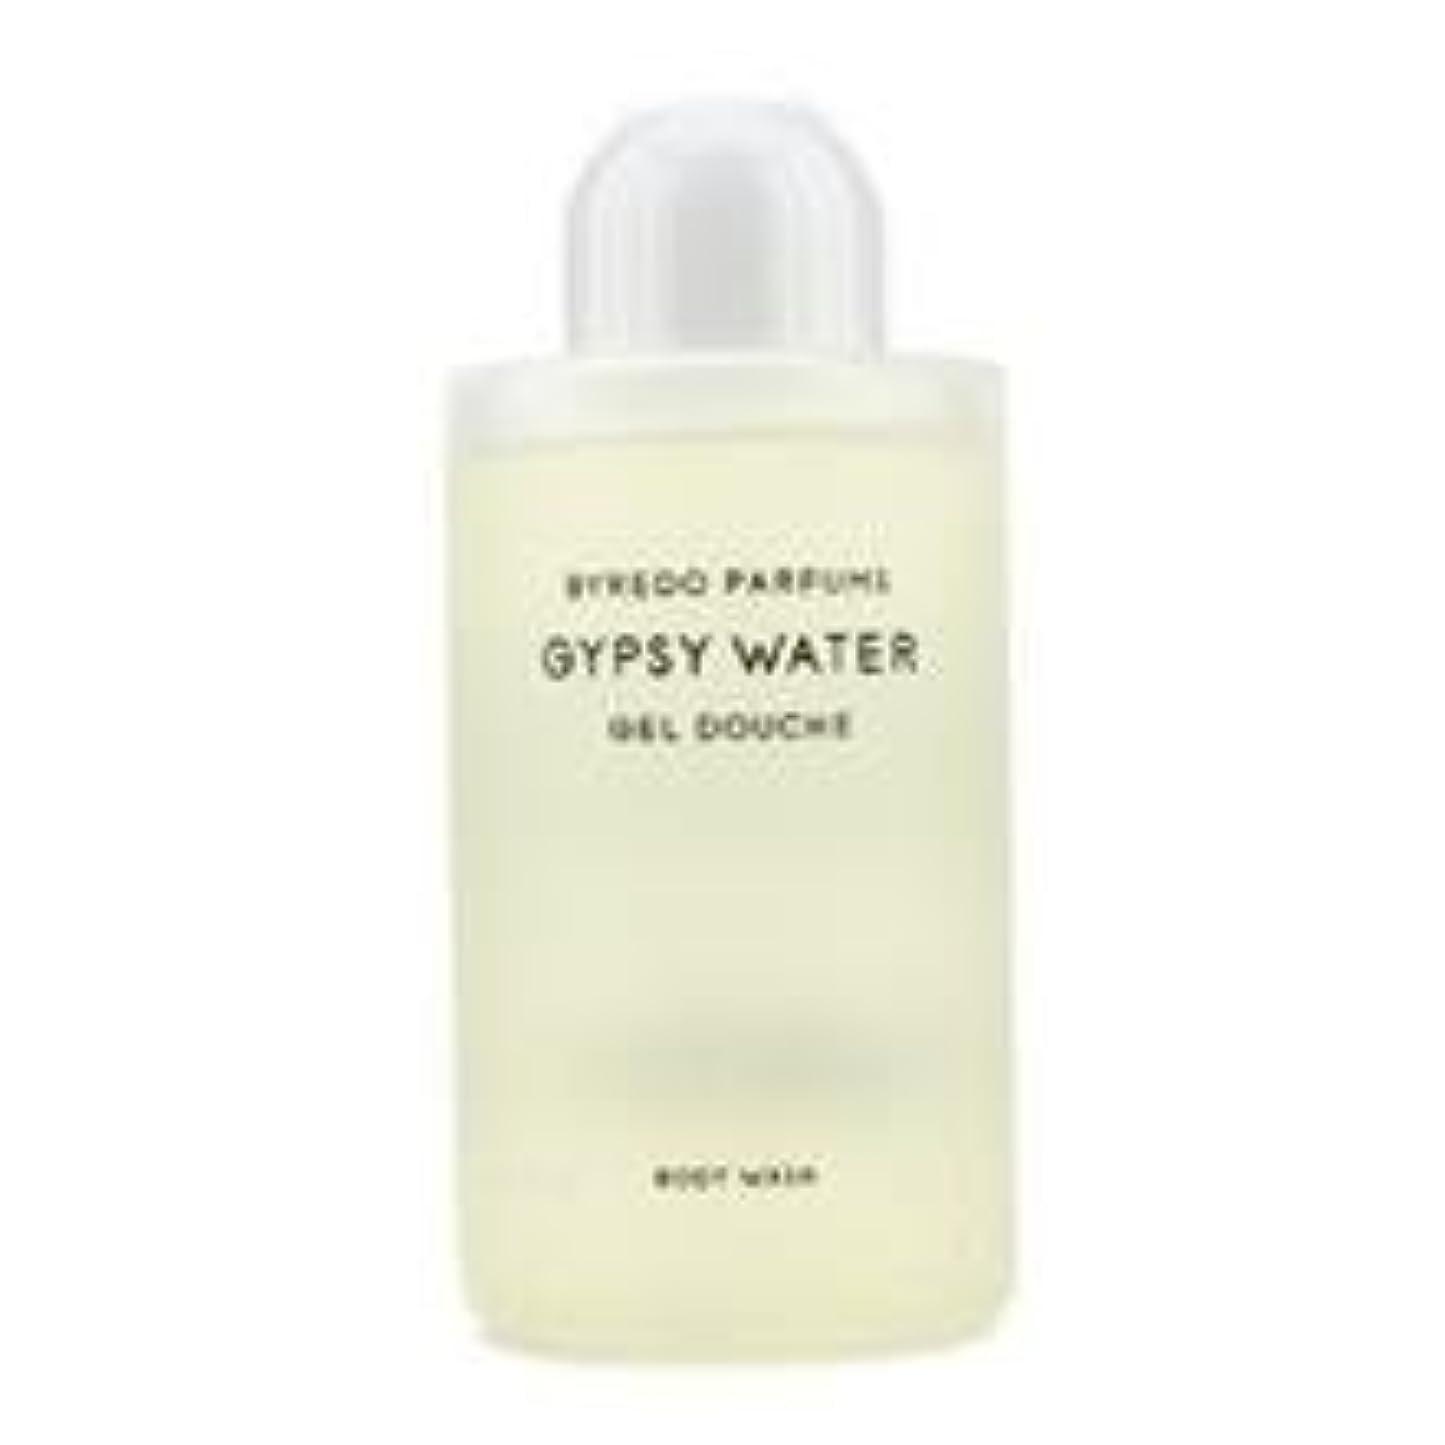 製油所維持する線形Byredo Gypsy Water Body Wash 225ml/7.6oz by Byredo